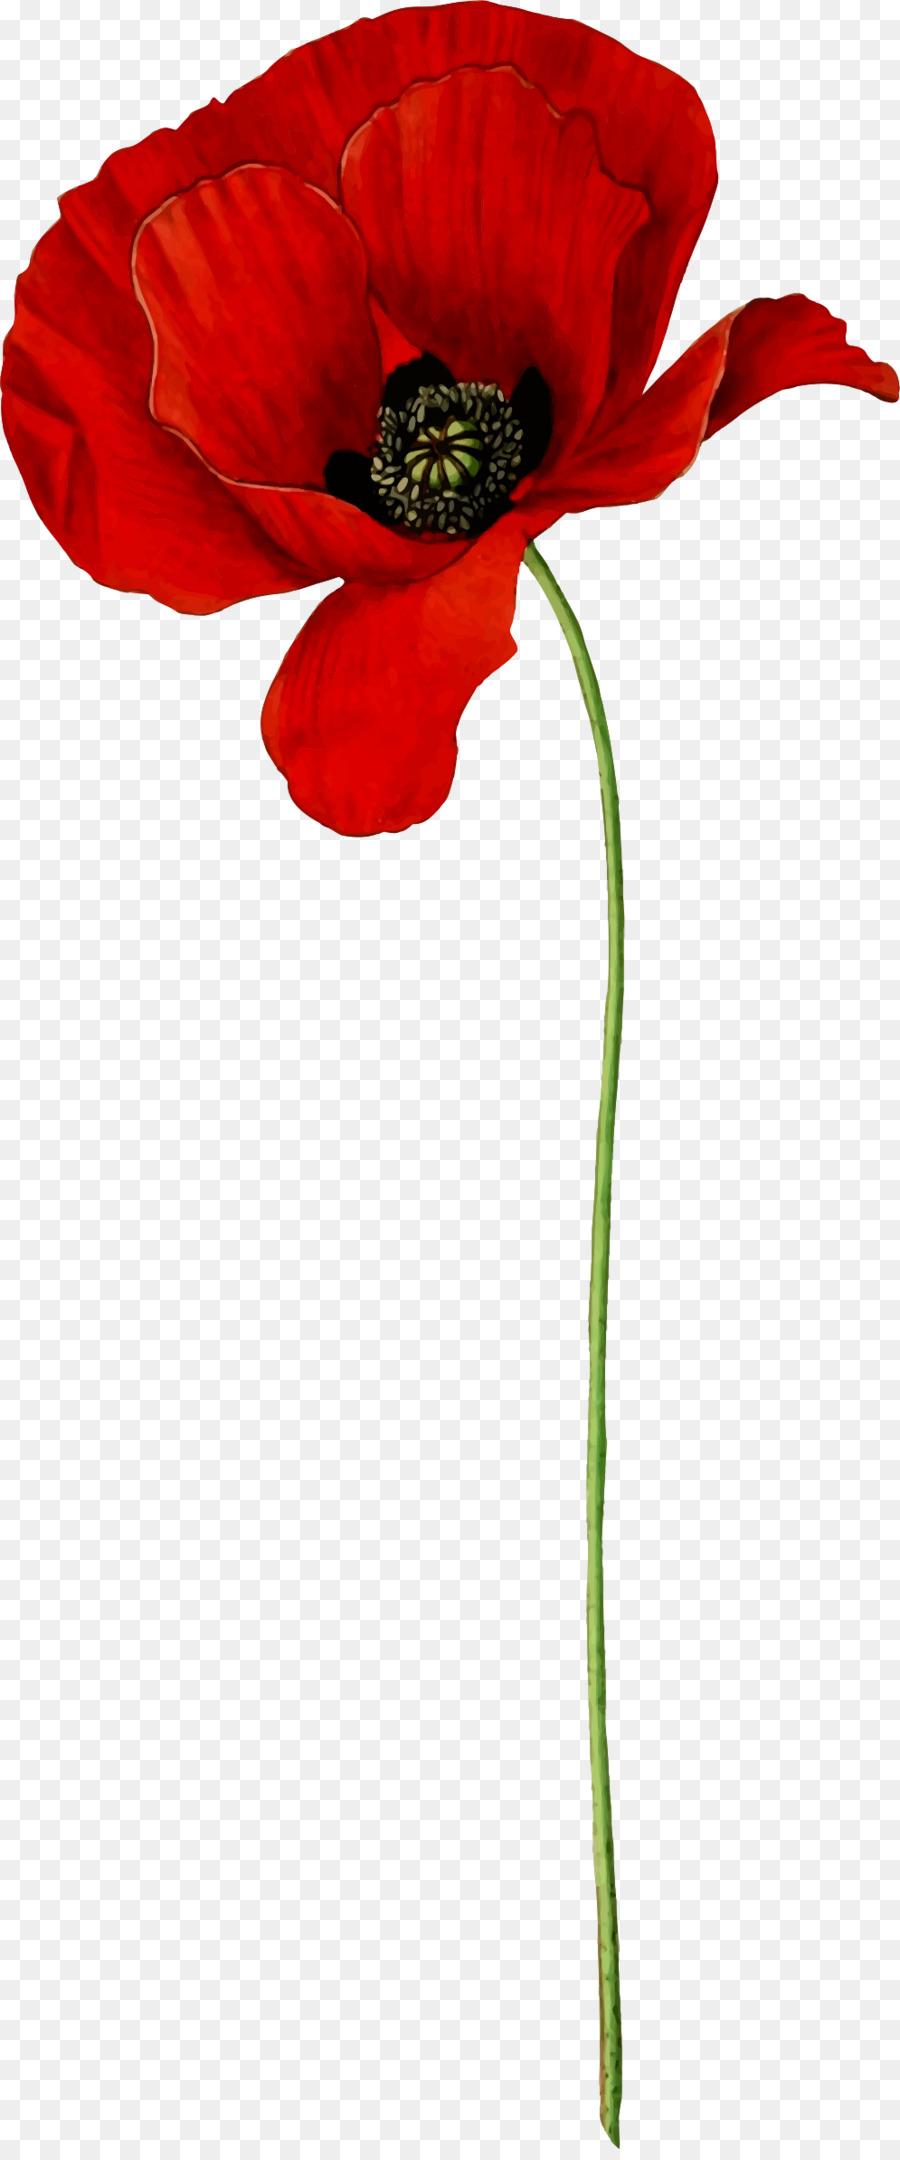 Opium Poppy Flower Common Poppy Clip Art Flower Png Download 995